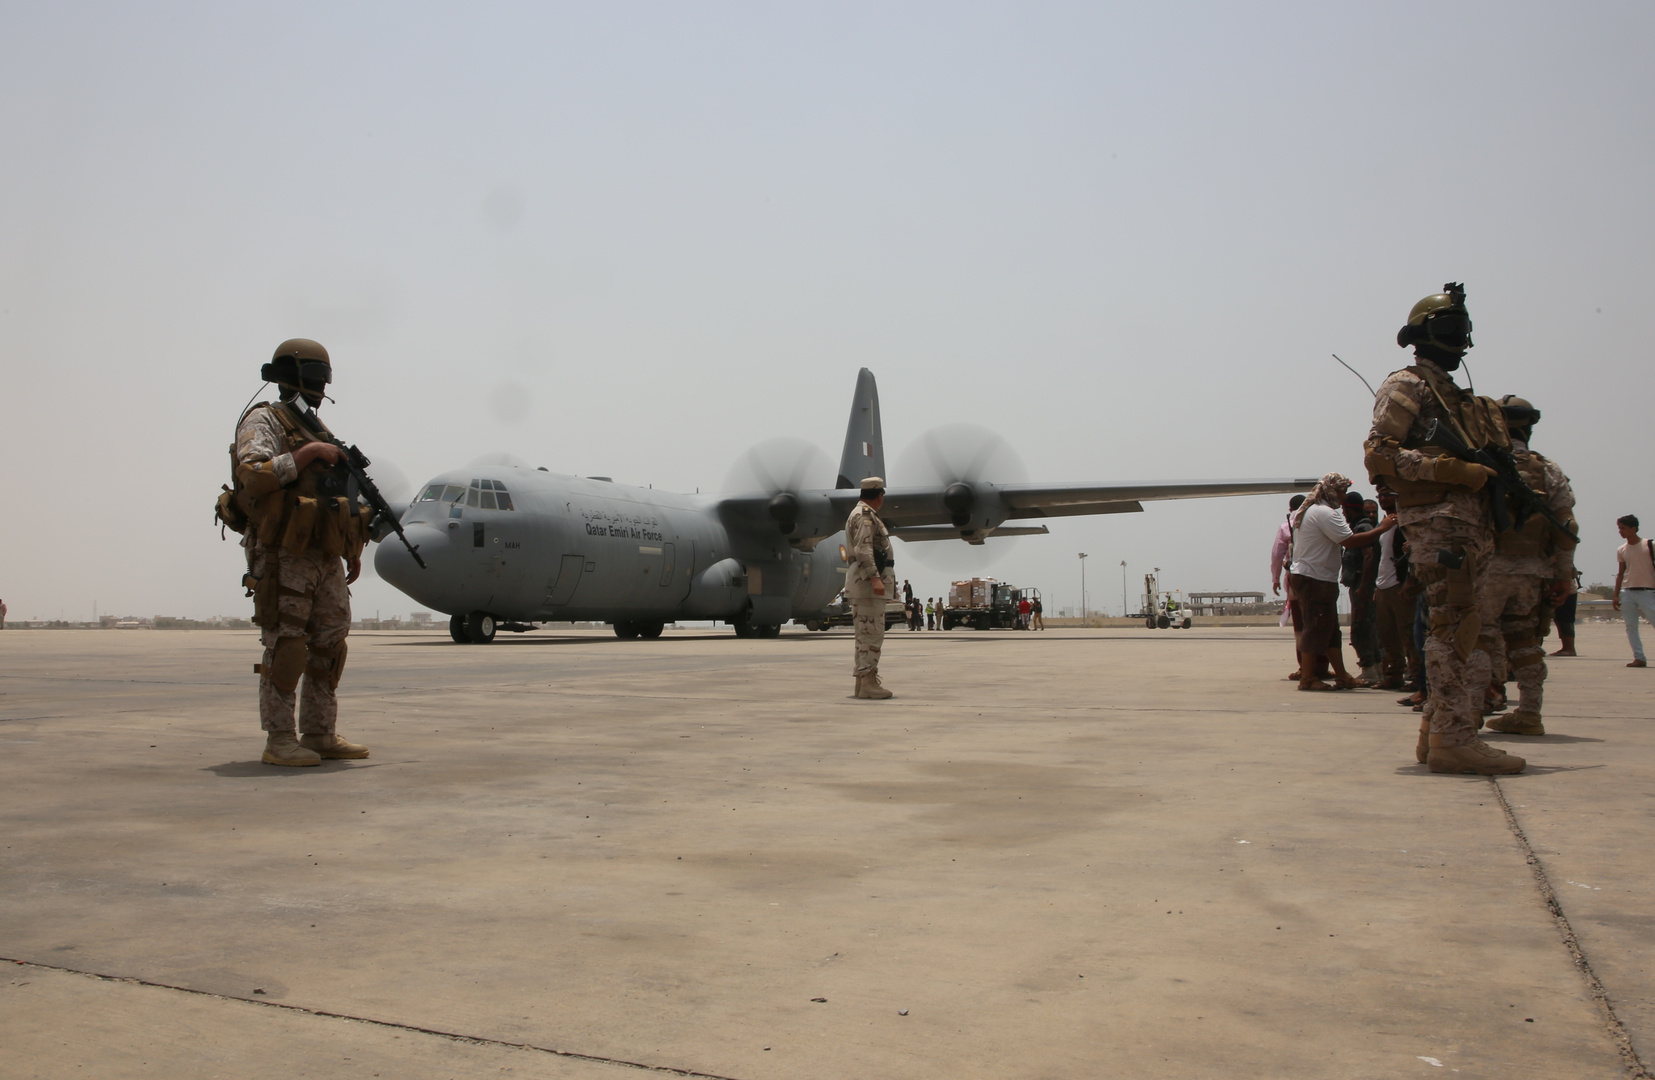 بعد خطاب بايدن.. الإمارات تقول إنها أنهت تدخلها العسكري في اليمن في أكتوبر